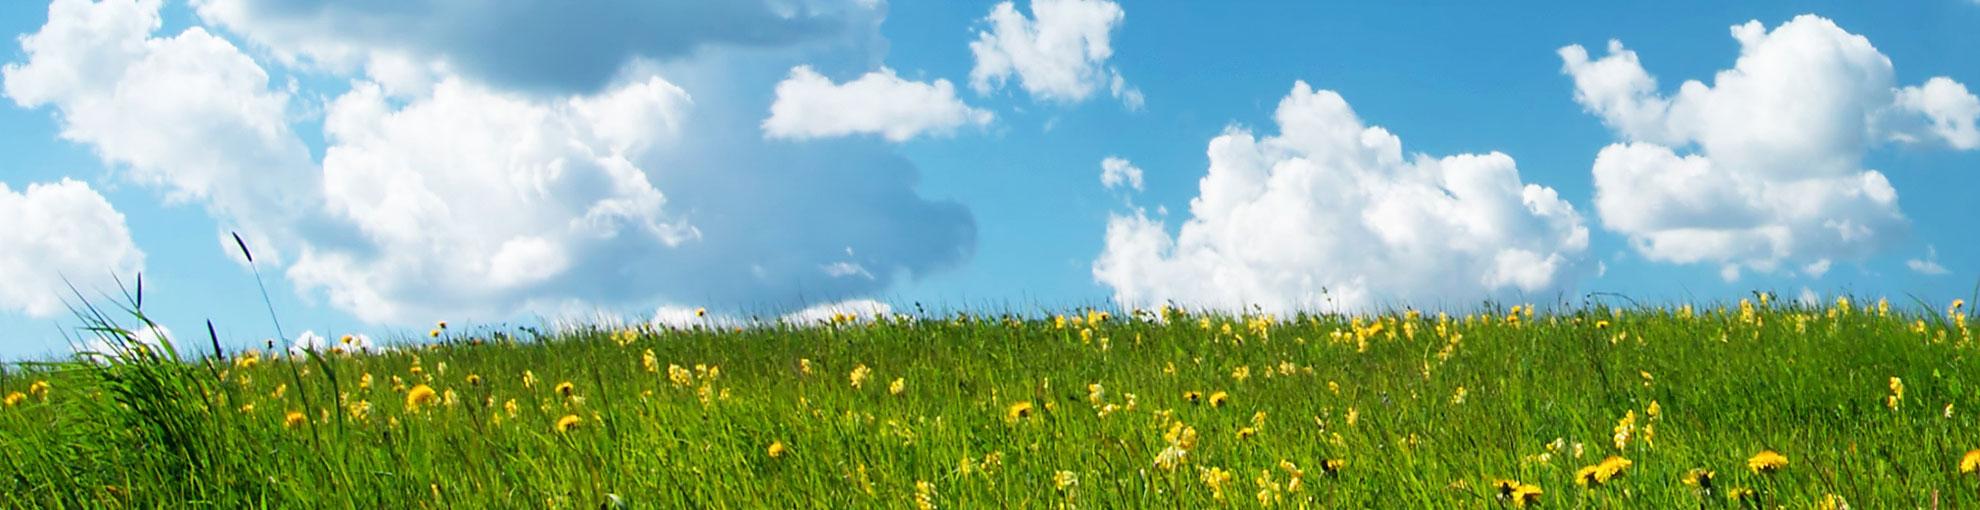 Eine Blumenwiese, darüber Himmel mit Wolken - Hintergrundbild des Sliders der Seite Texter-Blog